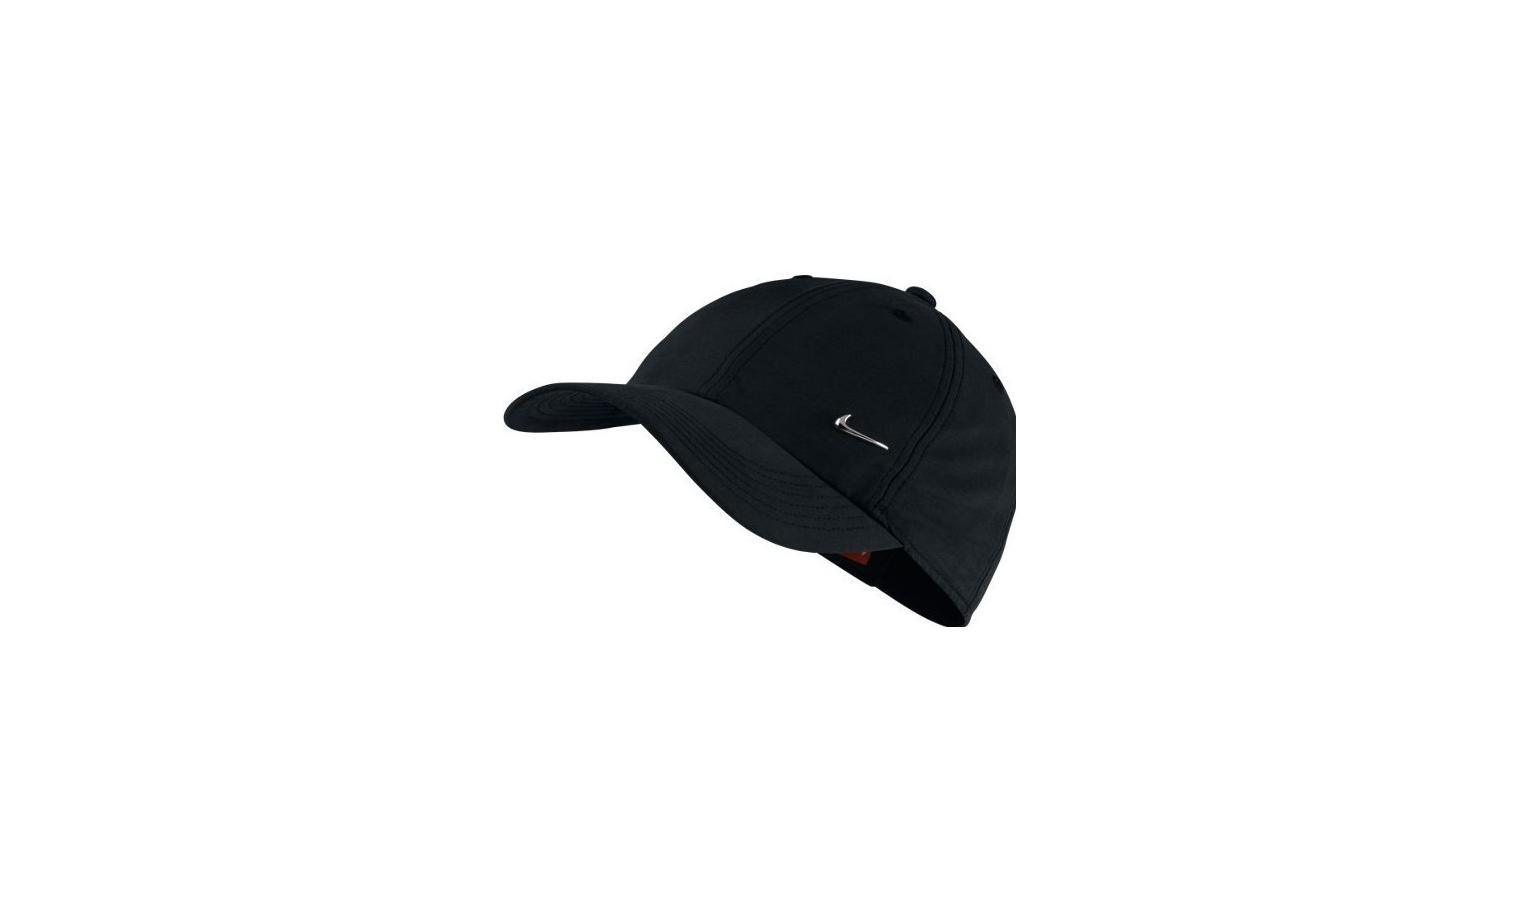 f0b533358e1 Dětská kšiltovka Nike YA HERITAGE 86 SWOOSH AD černá